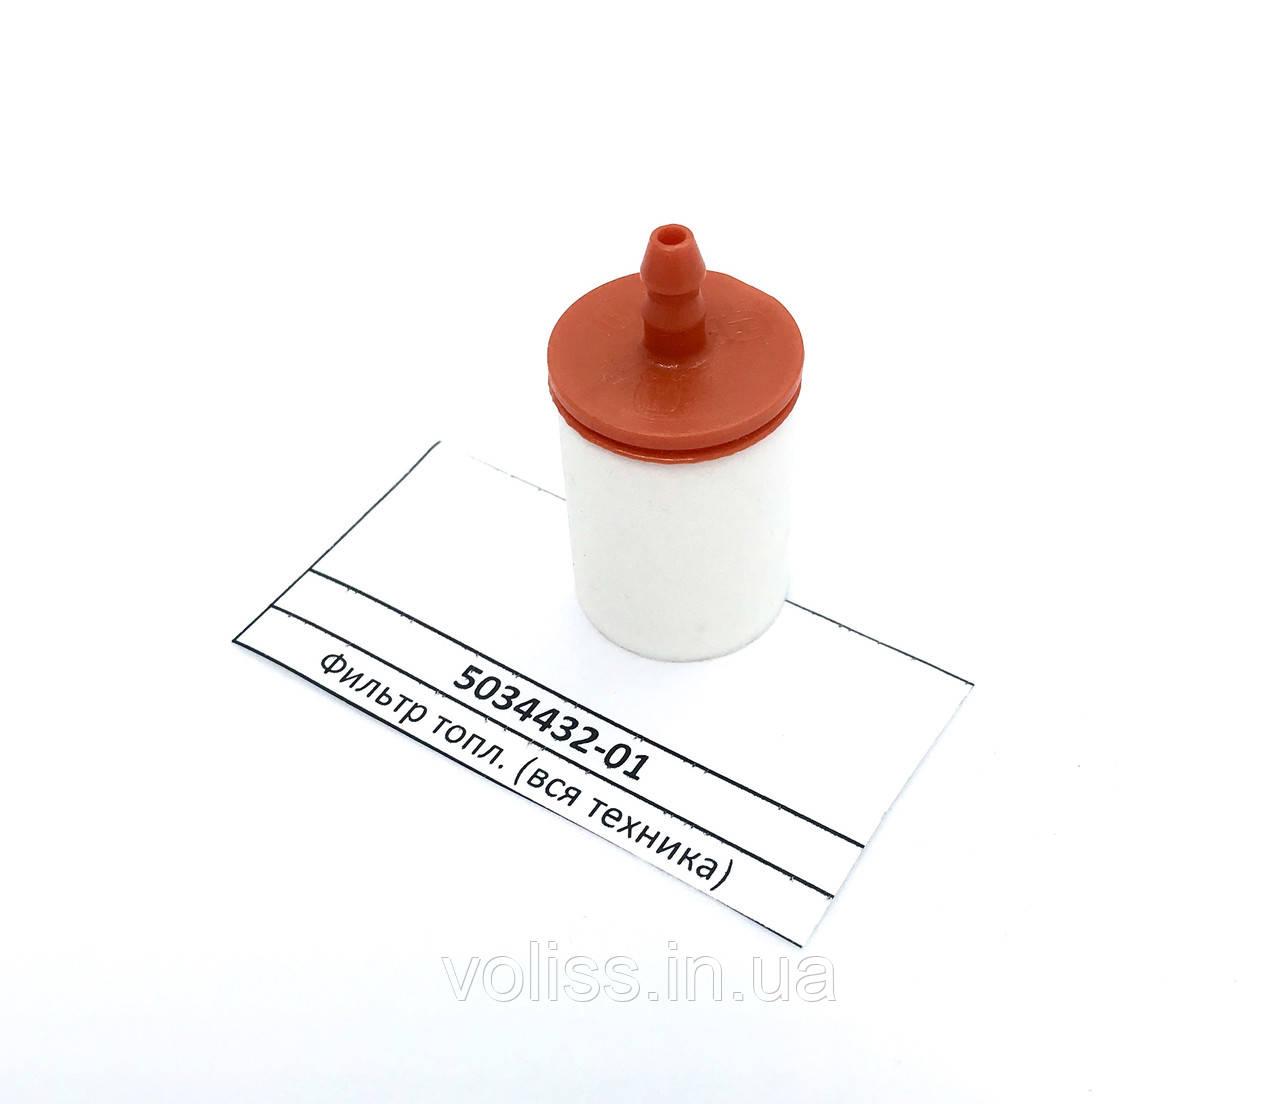 Топливный фильтр Husqvarna для бензопил, бензокос (вся техника)